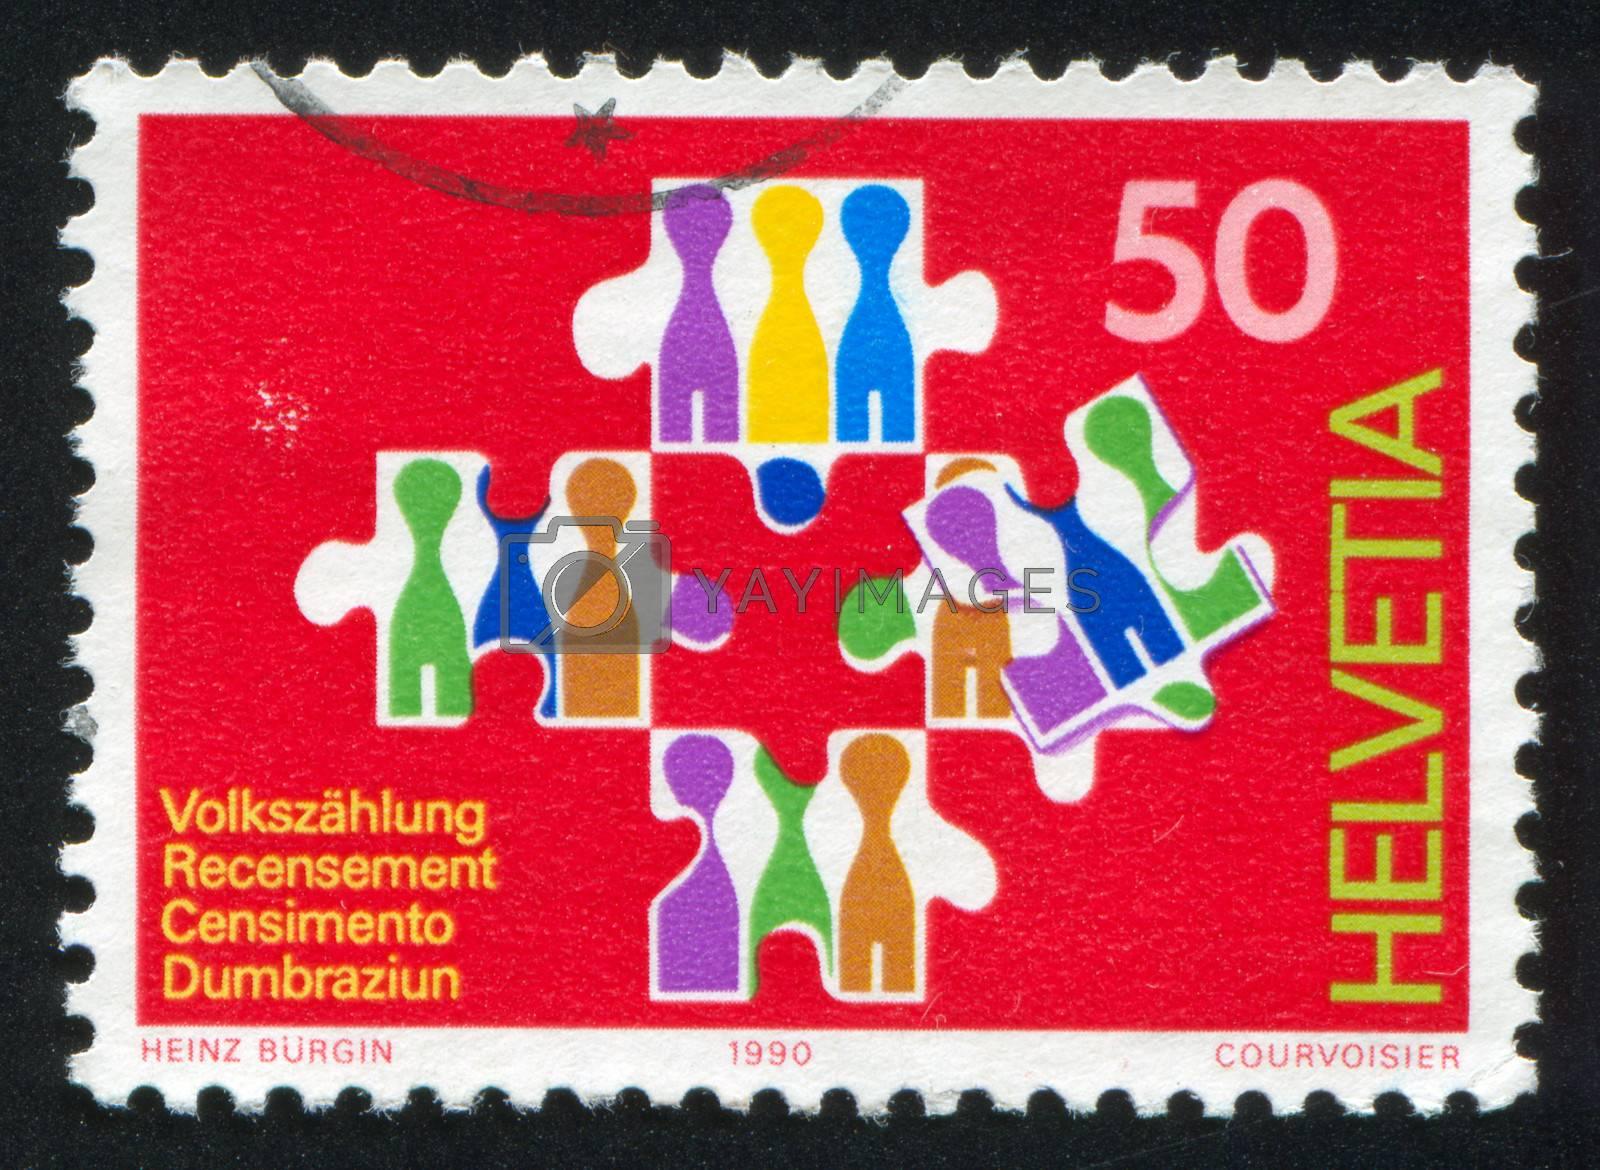 SWITZERLAND - CIRCA 1990: stamp printed by Switzerland, shows National Census, circa 1990